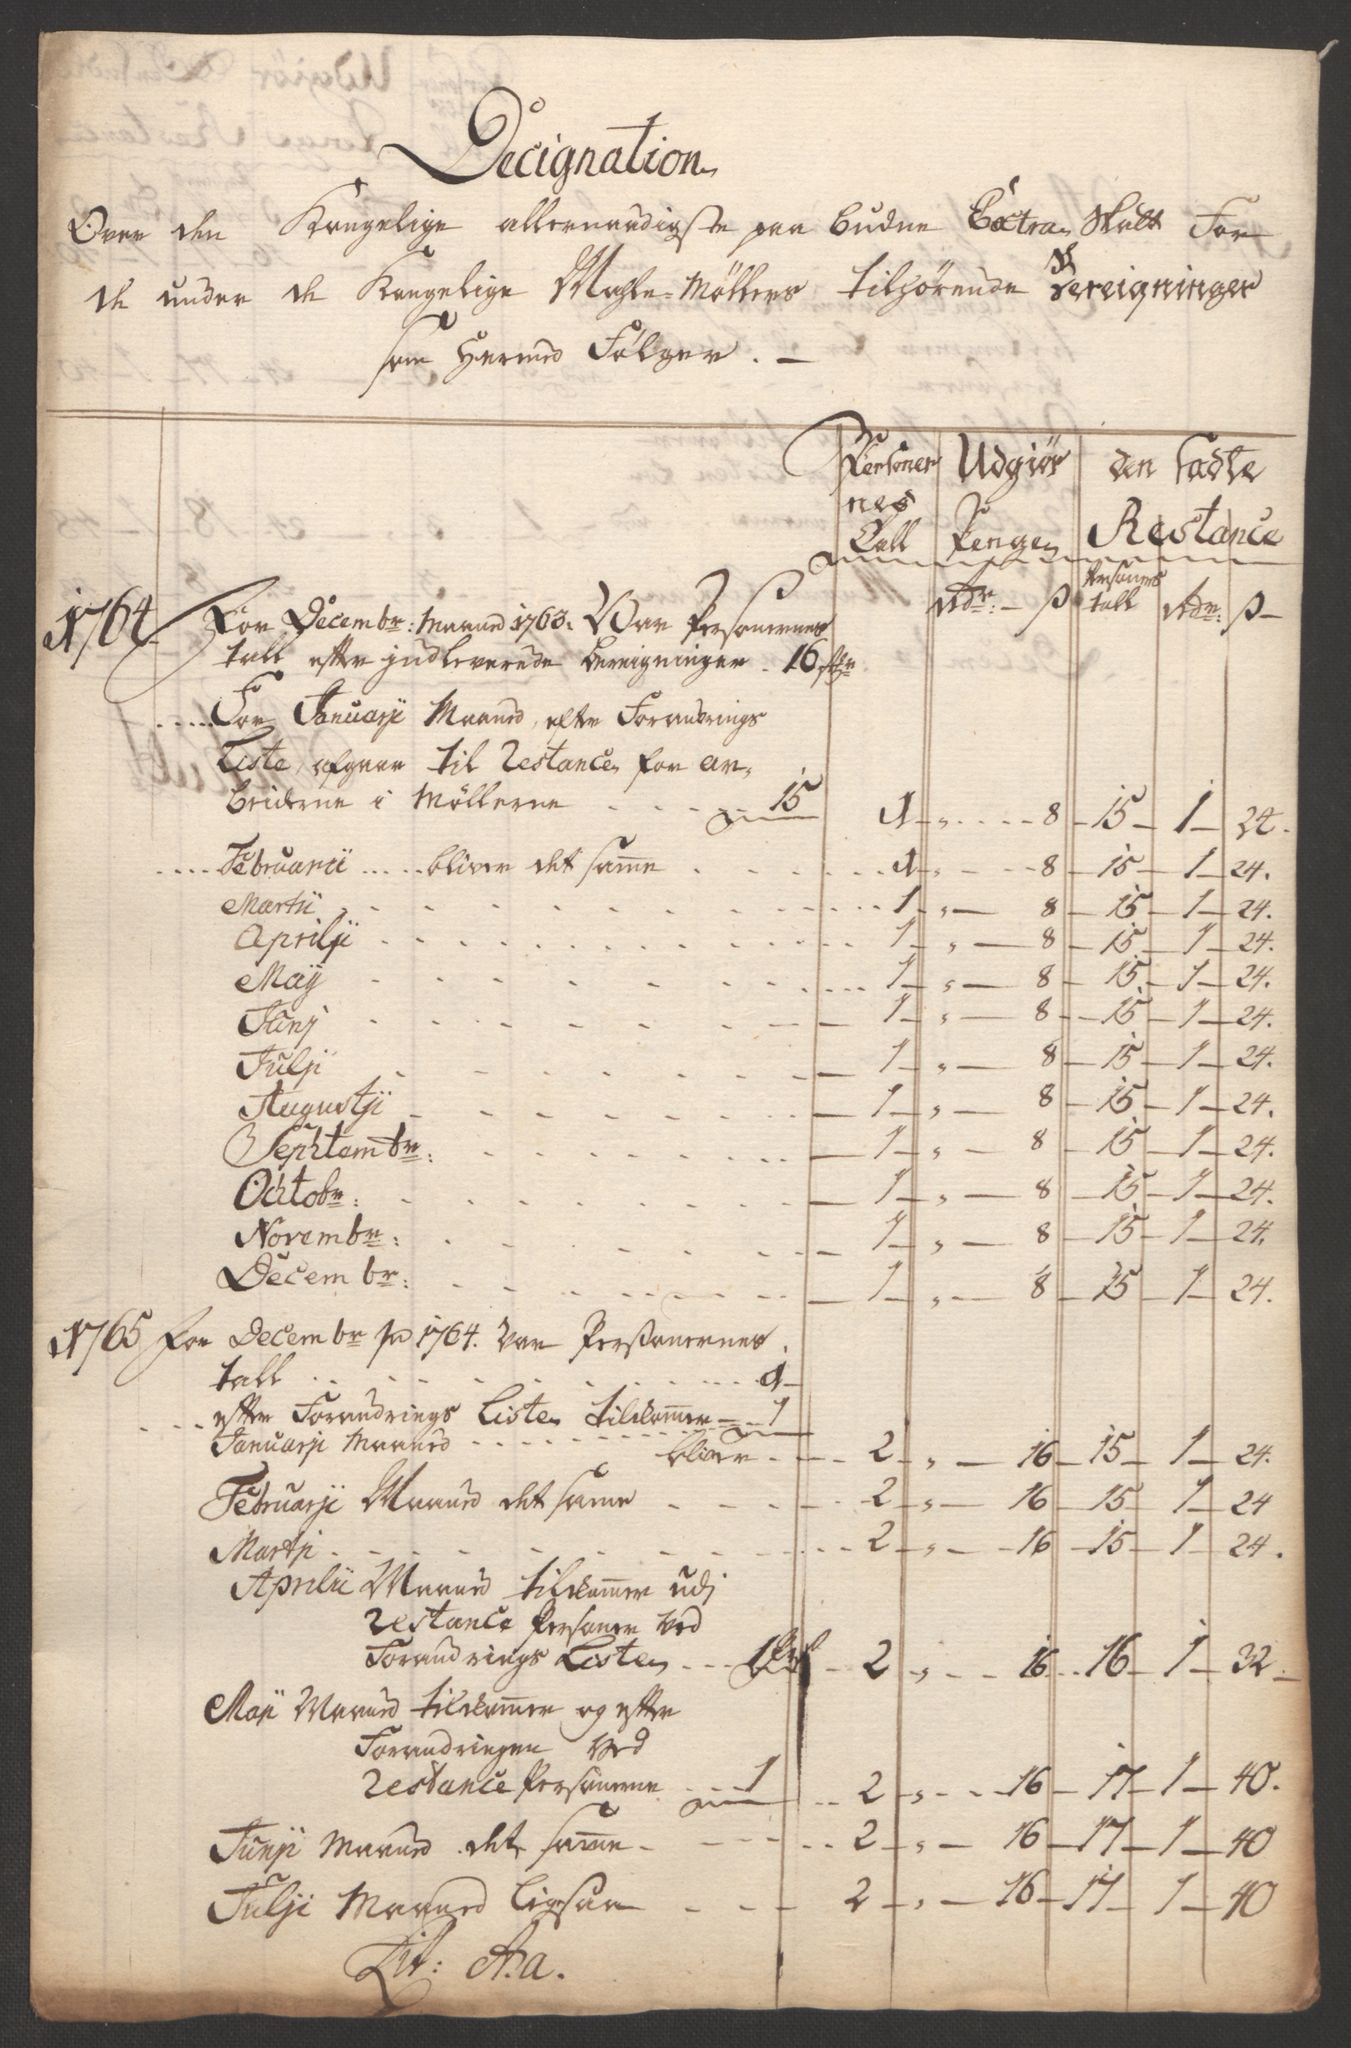 RA, Rentekammeret inntil 1814, Reviderte regnskaper, Bergverksregnskaper, R/Rc/Rca/L0843: Ekstraskatt, 1762-1765, s. 865